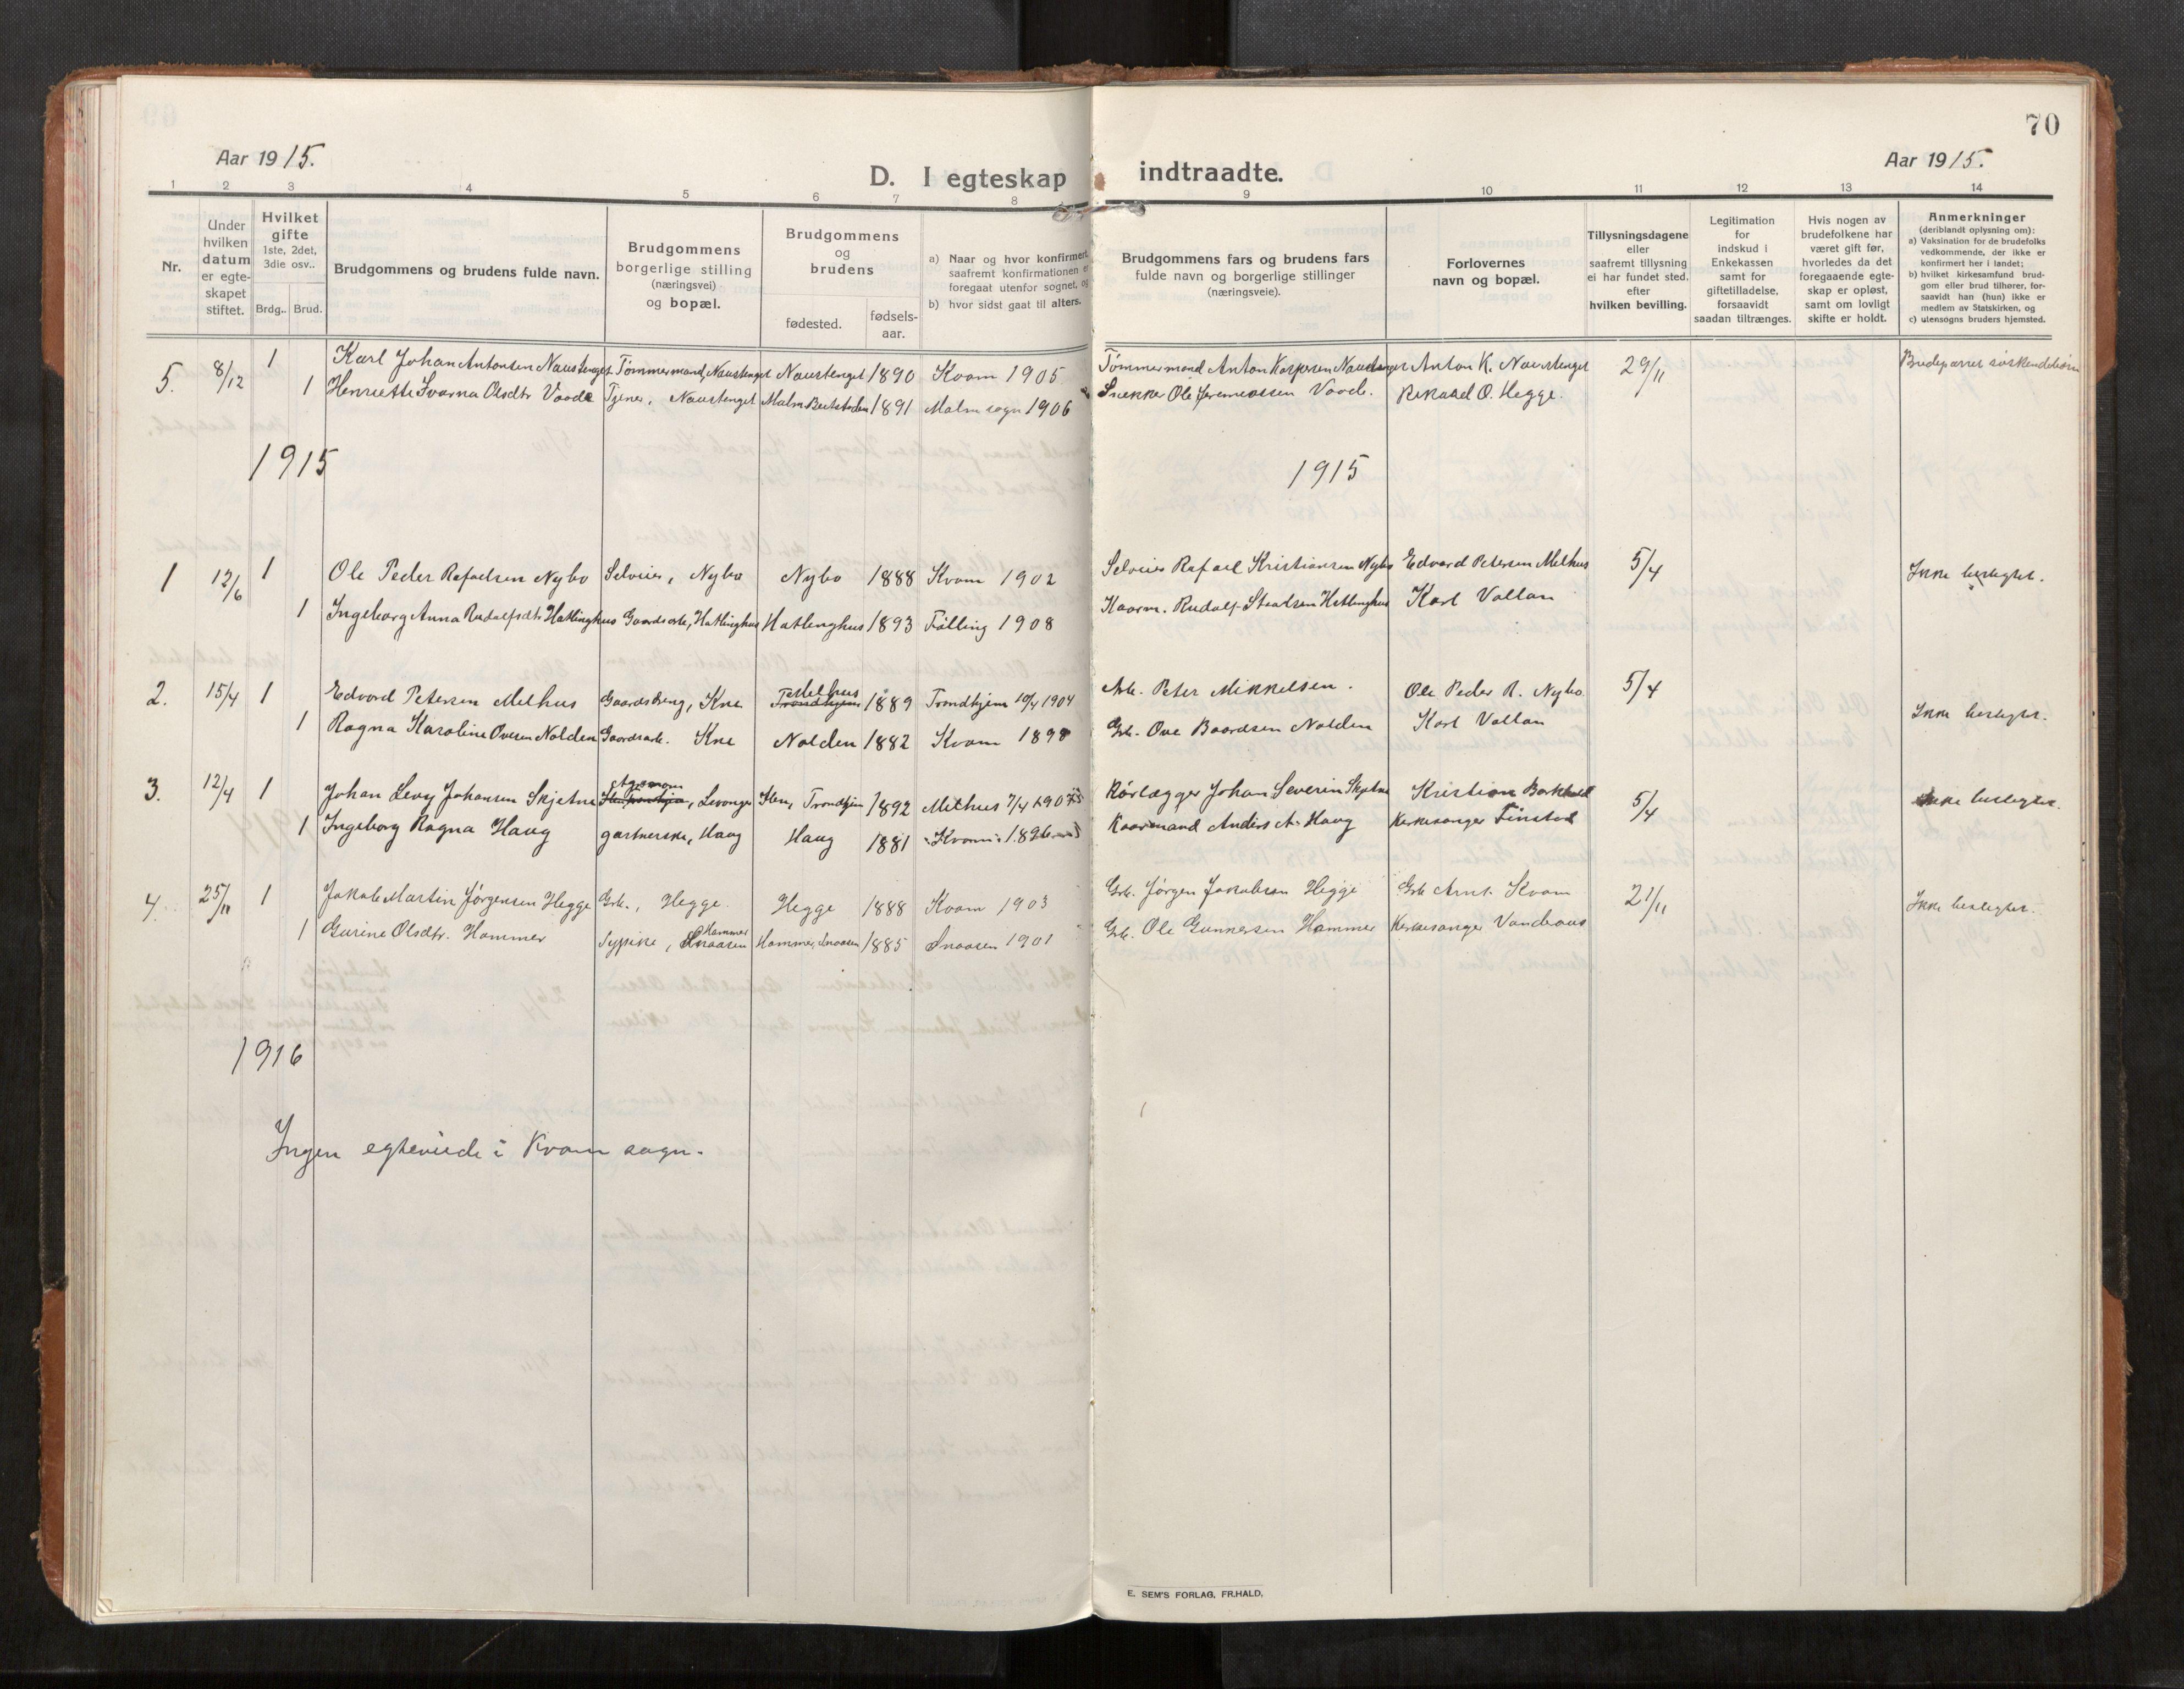 SAT, Stod sokneprestkontor, I/I1/I1a/L0004: Parish register (official) no. 4, 1913-1933, p. 70